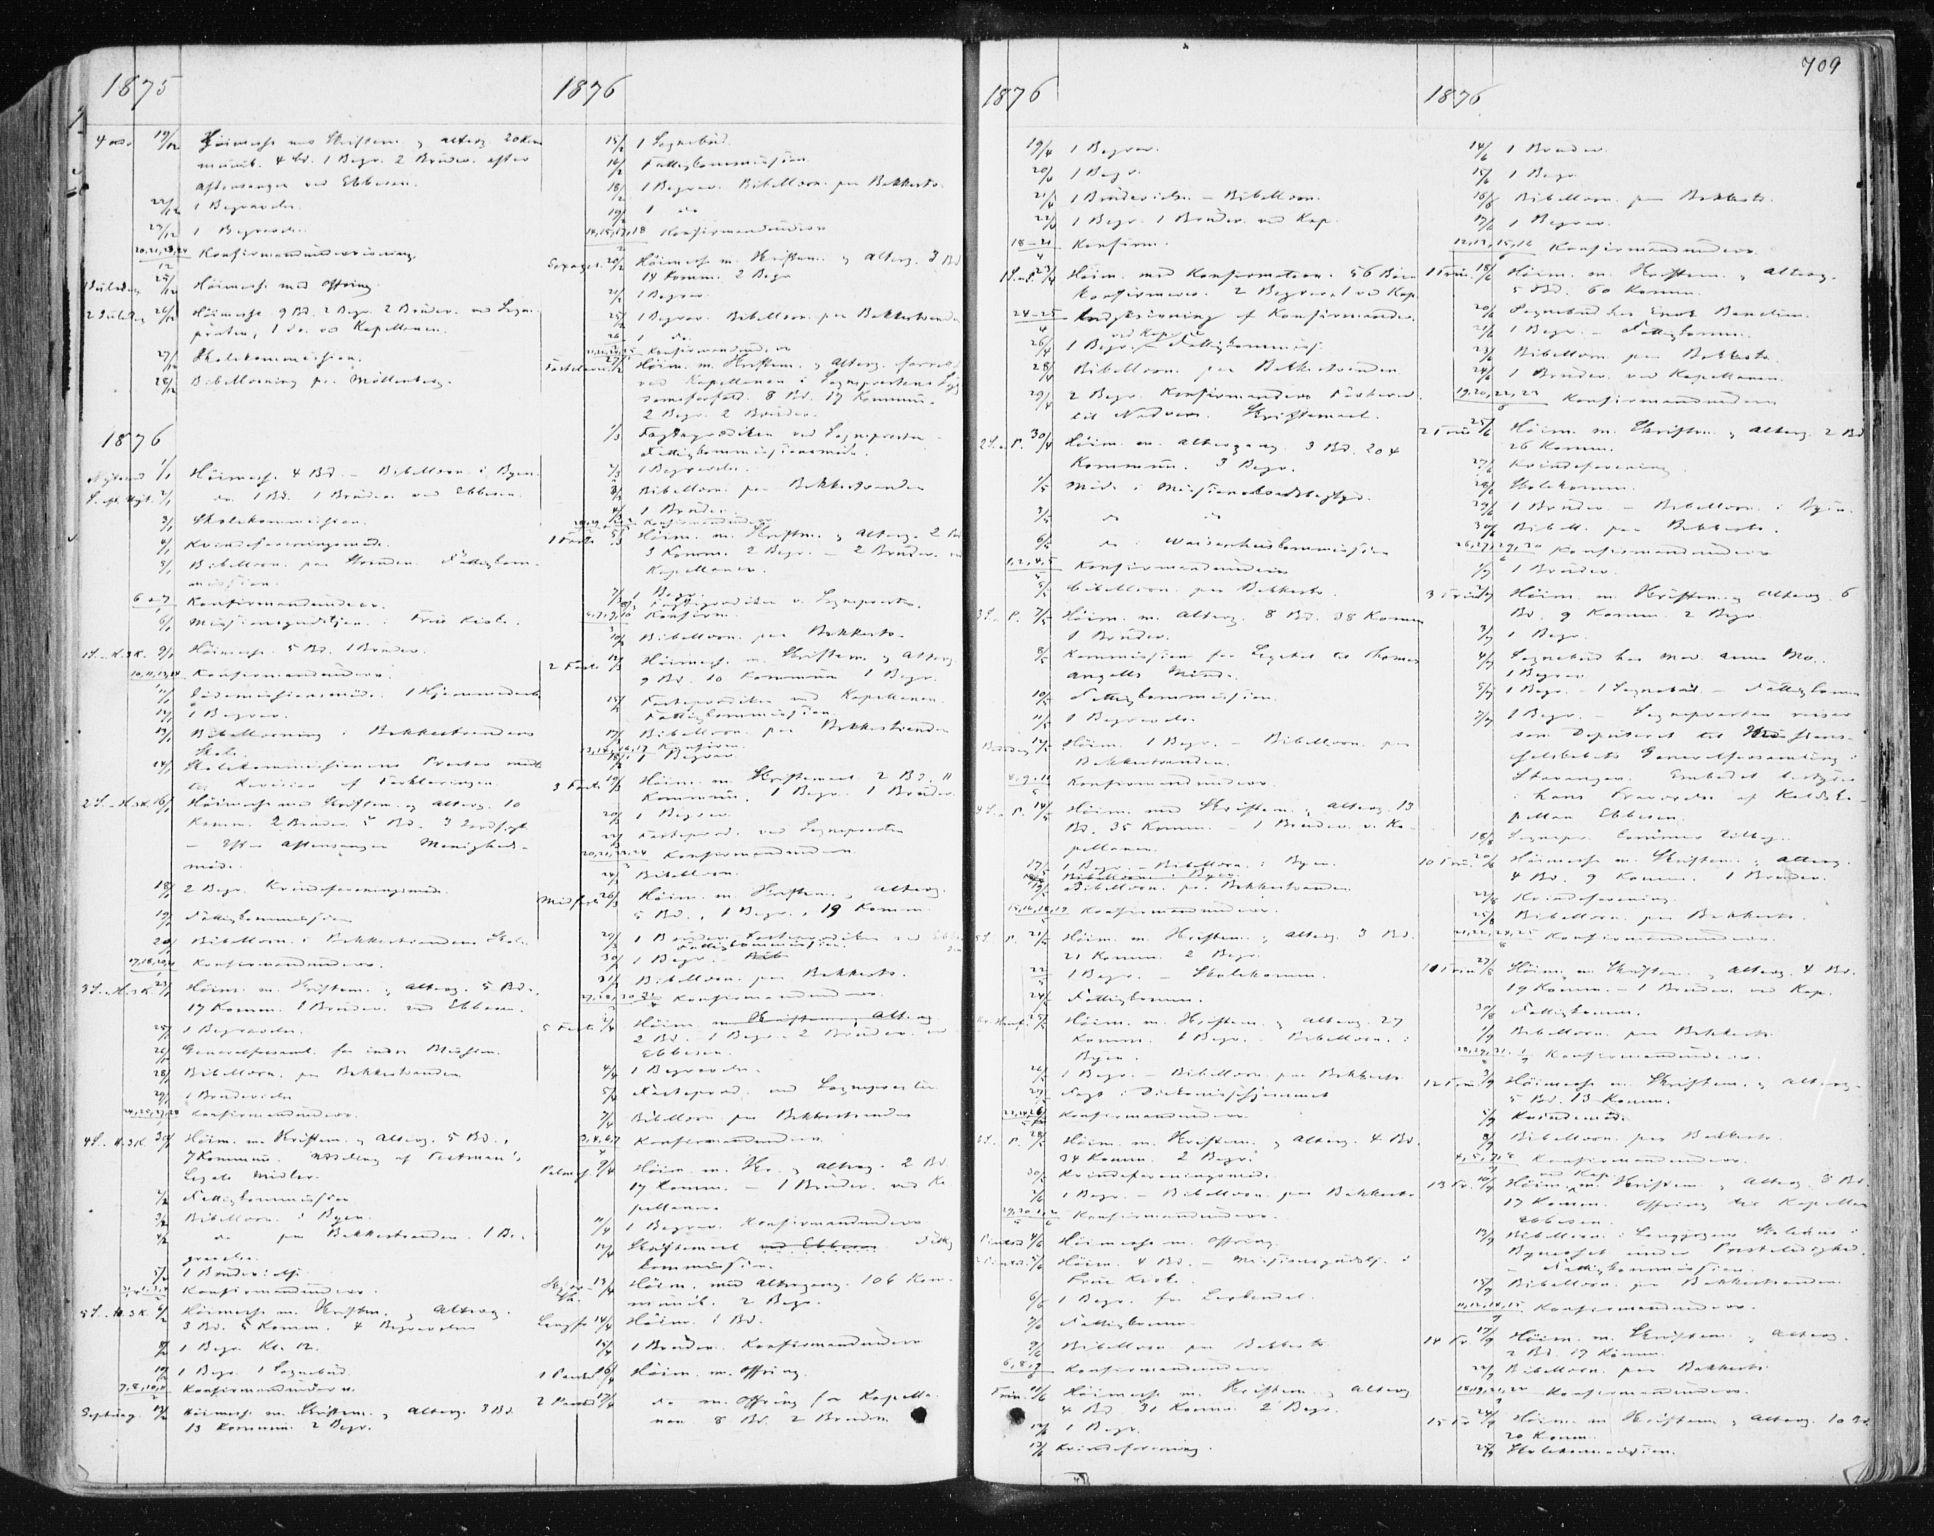 SAT, Ministerialprotokoller, klokkerbøker og fødselsregistre - Sør-Trøndelag, 604/L0186: Ministerialbok nr. 604A07, 1866-1877, s. 709